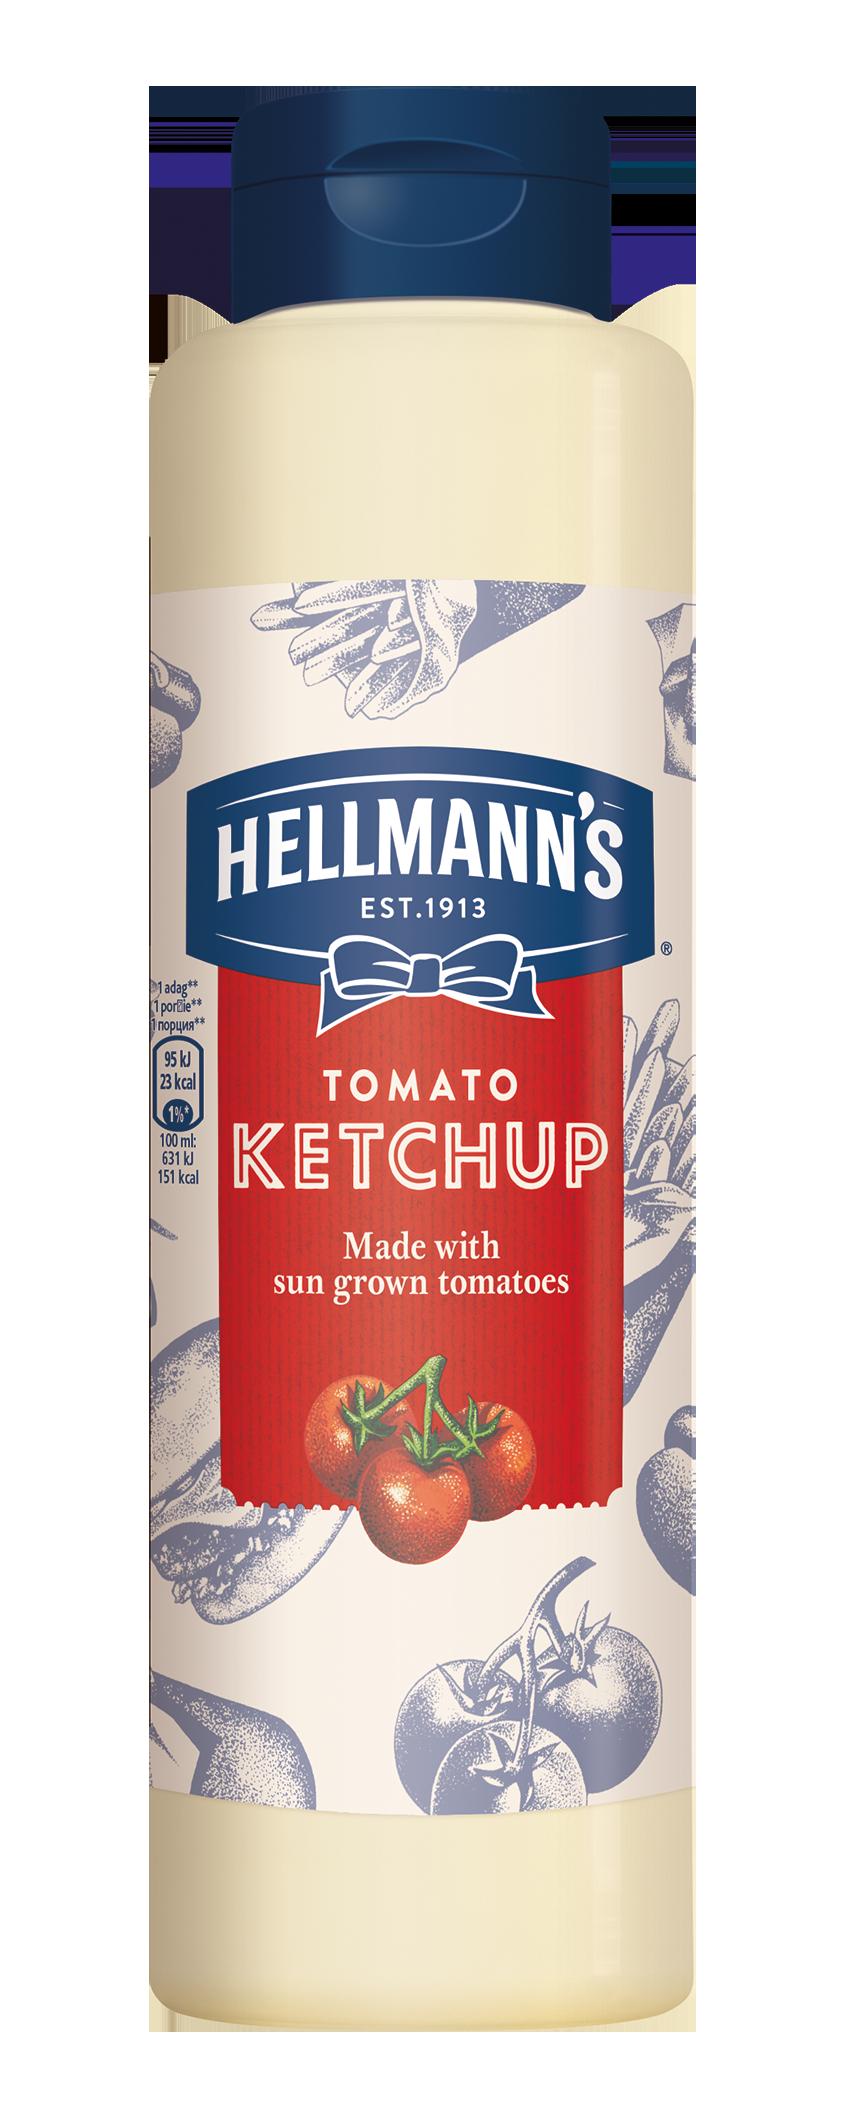 HELLMANN'S Ketchup 819ml -  Minőségi márkájú termék felszolgálása pozitív benyomást kelt a vendégekben.